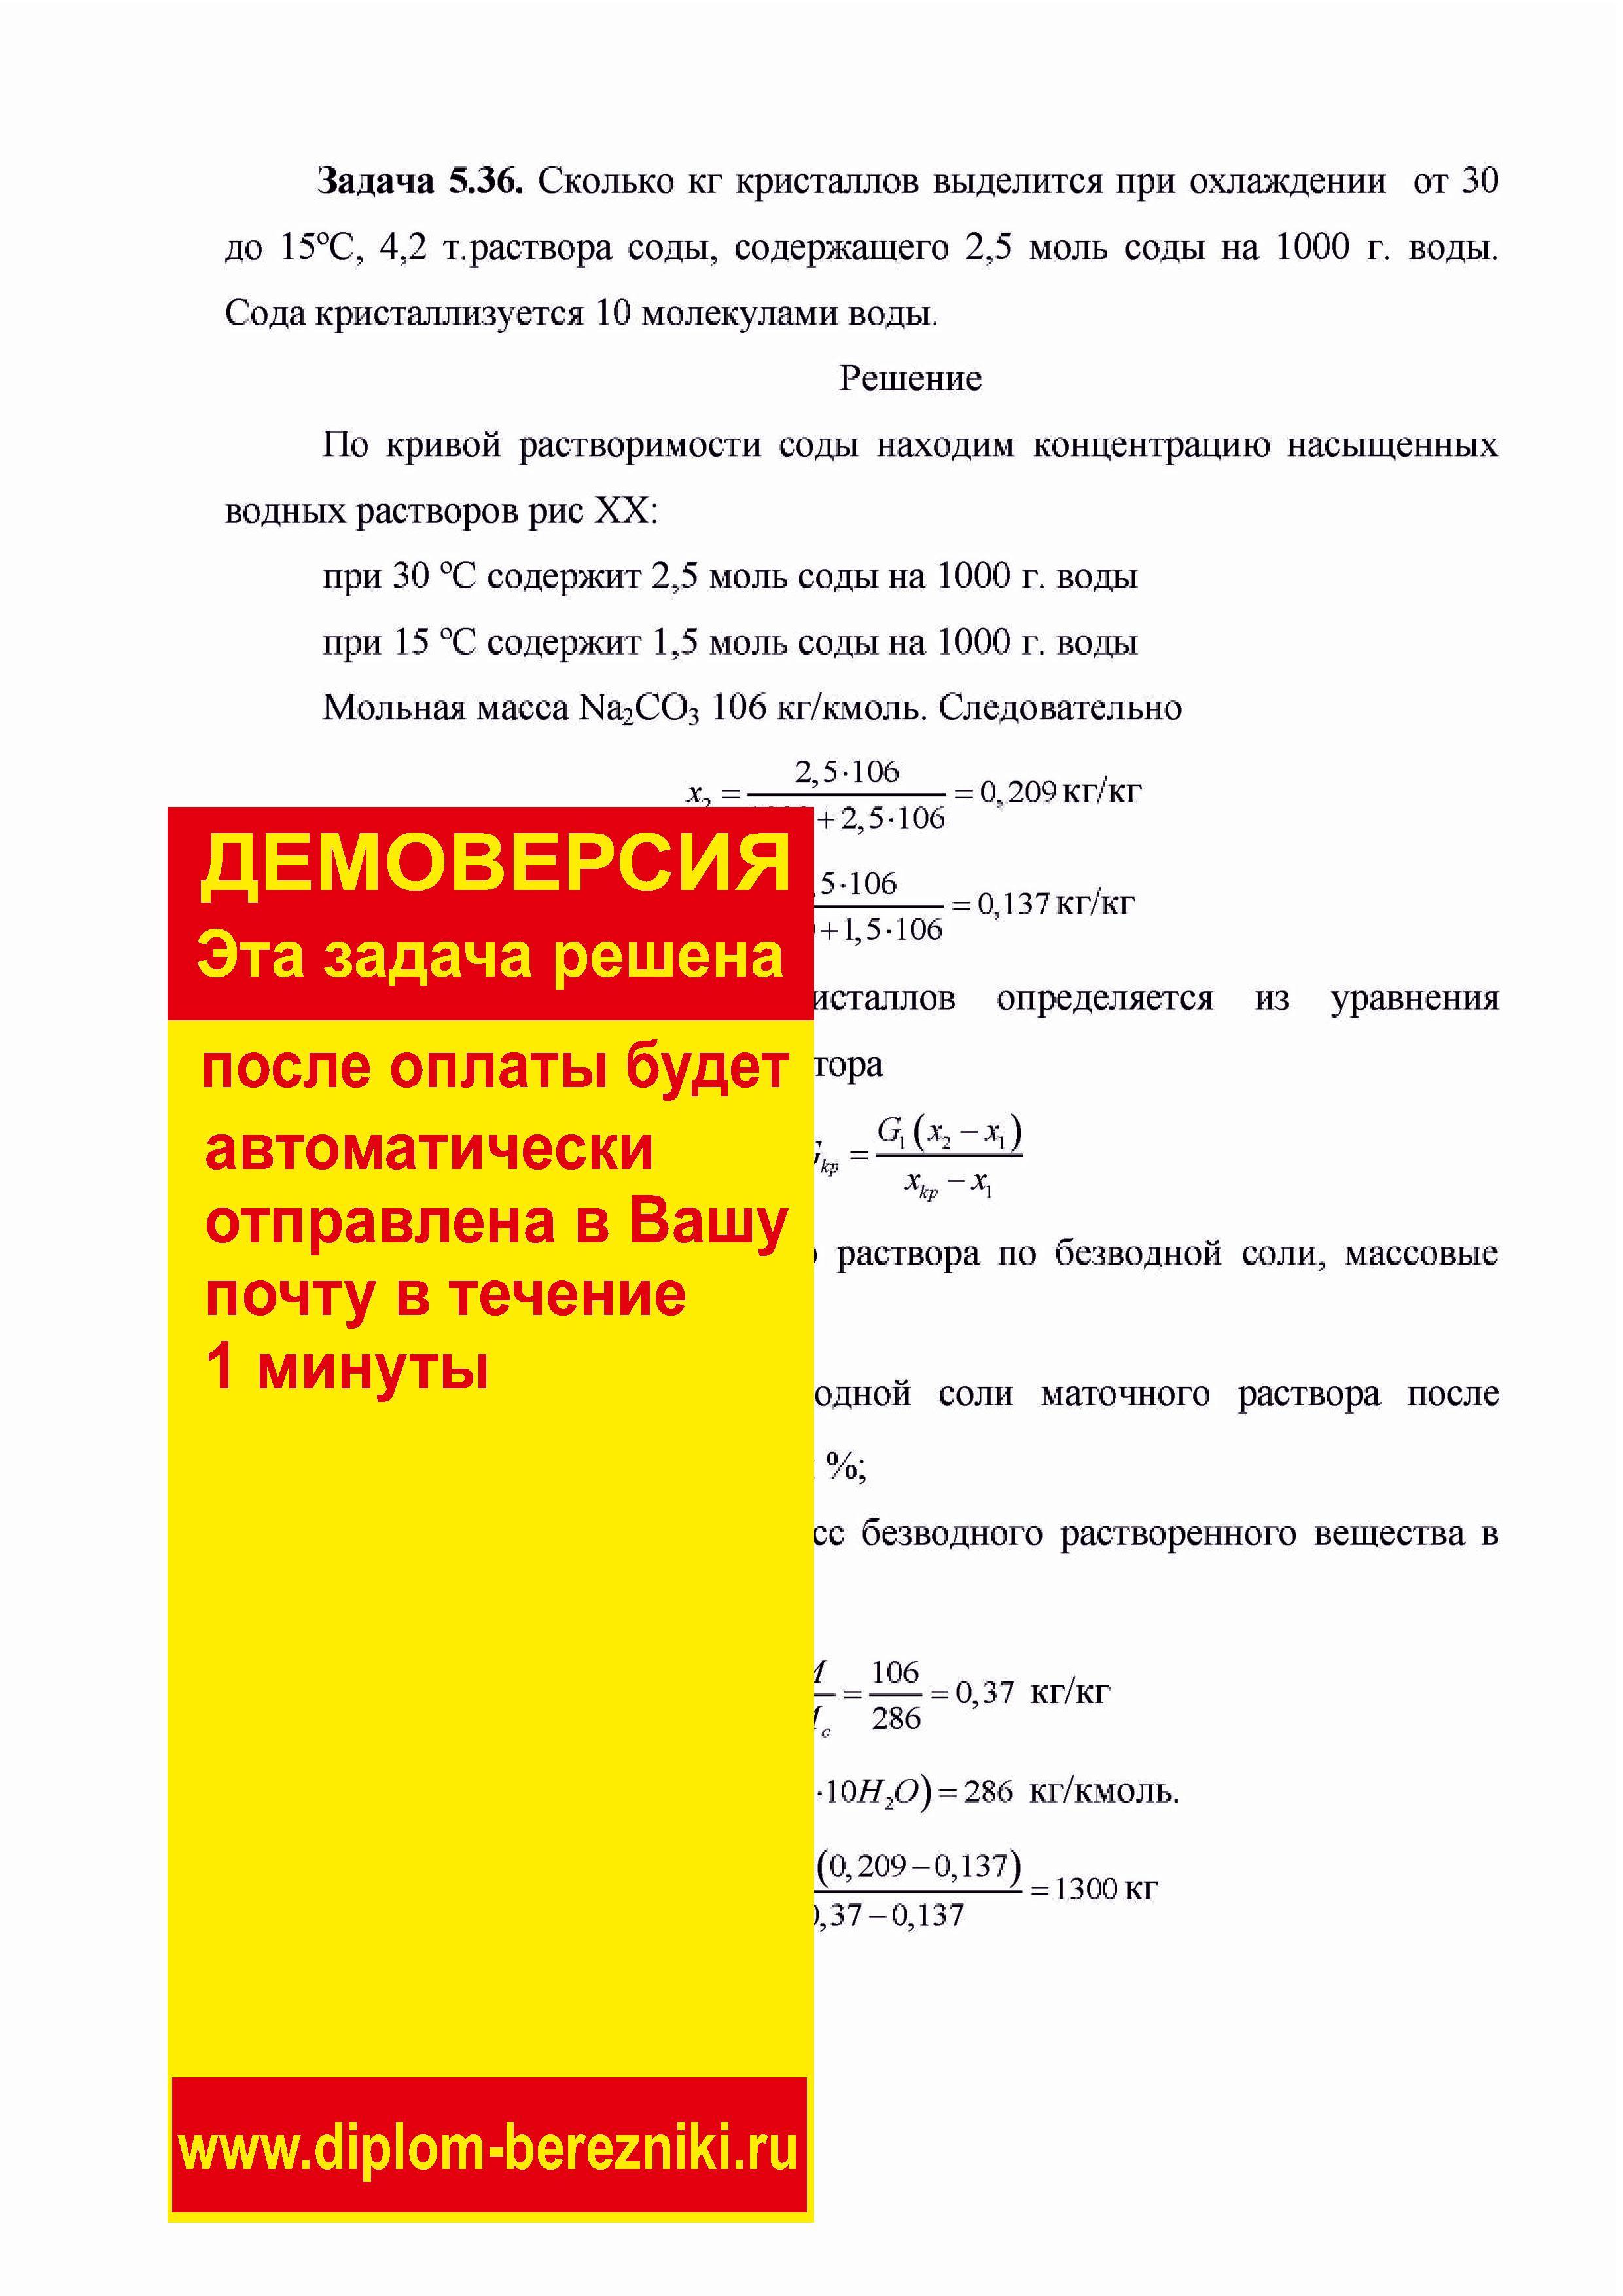 Решение задачи 5.36 по ПАХТ из задачника Павлова Романкова Носкова